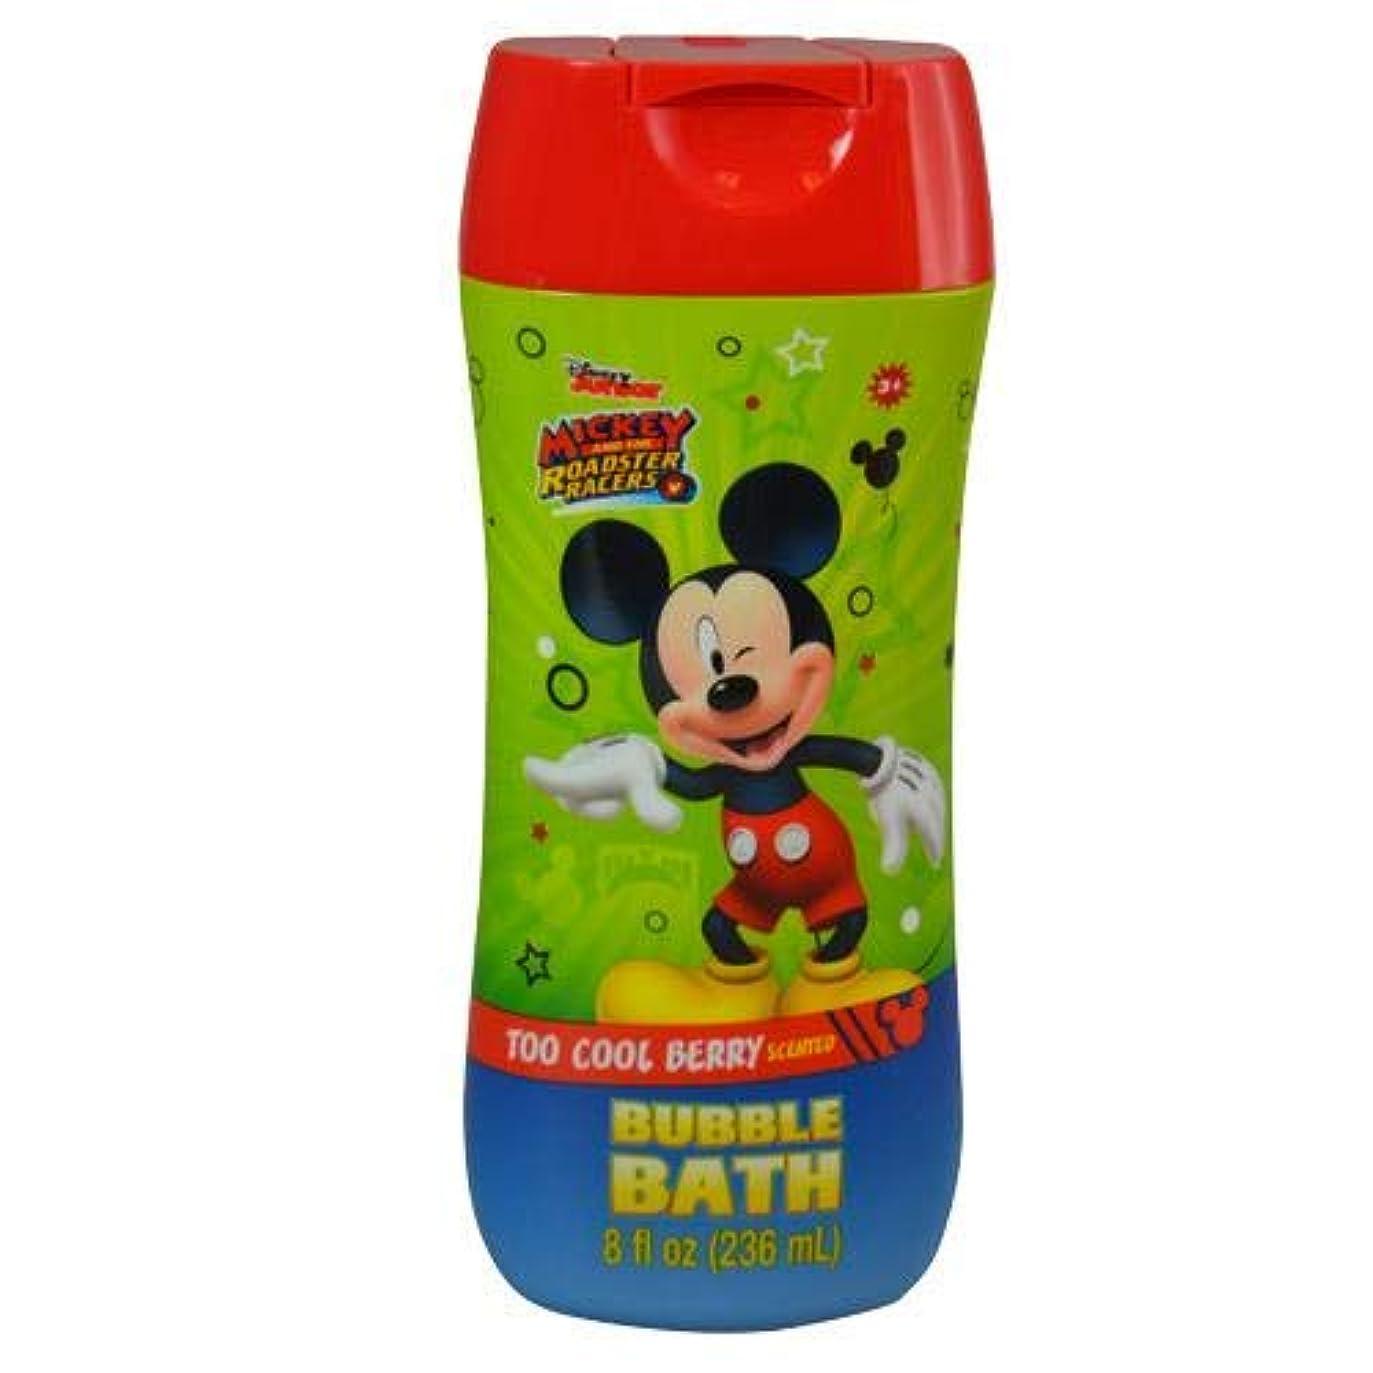 いつかテレビ戦いミッキー バブルバス 13398 子供 子供用 ディズニー Disney キャラクター グッズ【即日?翌日発送】